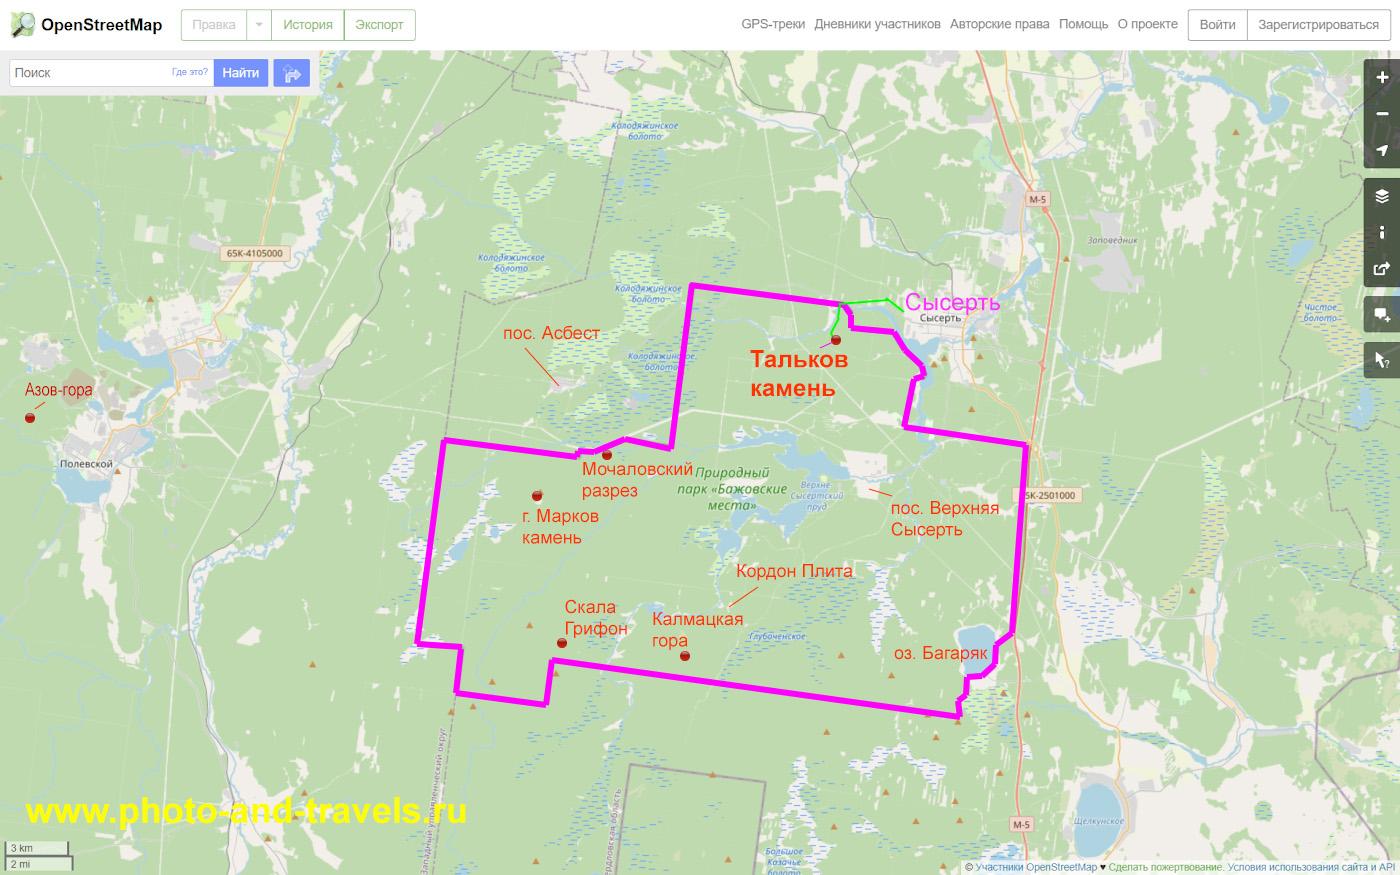 37. Карта со схемой природного парка «Бажовского места», в котором находится озеро Тальков камень и другие интересные достопримечательности.